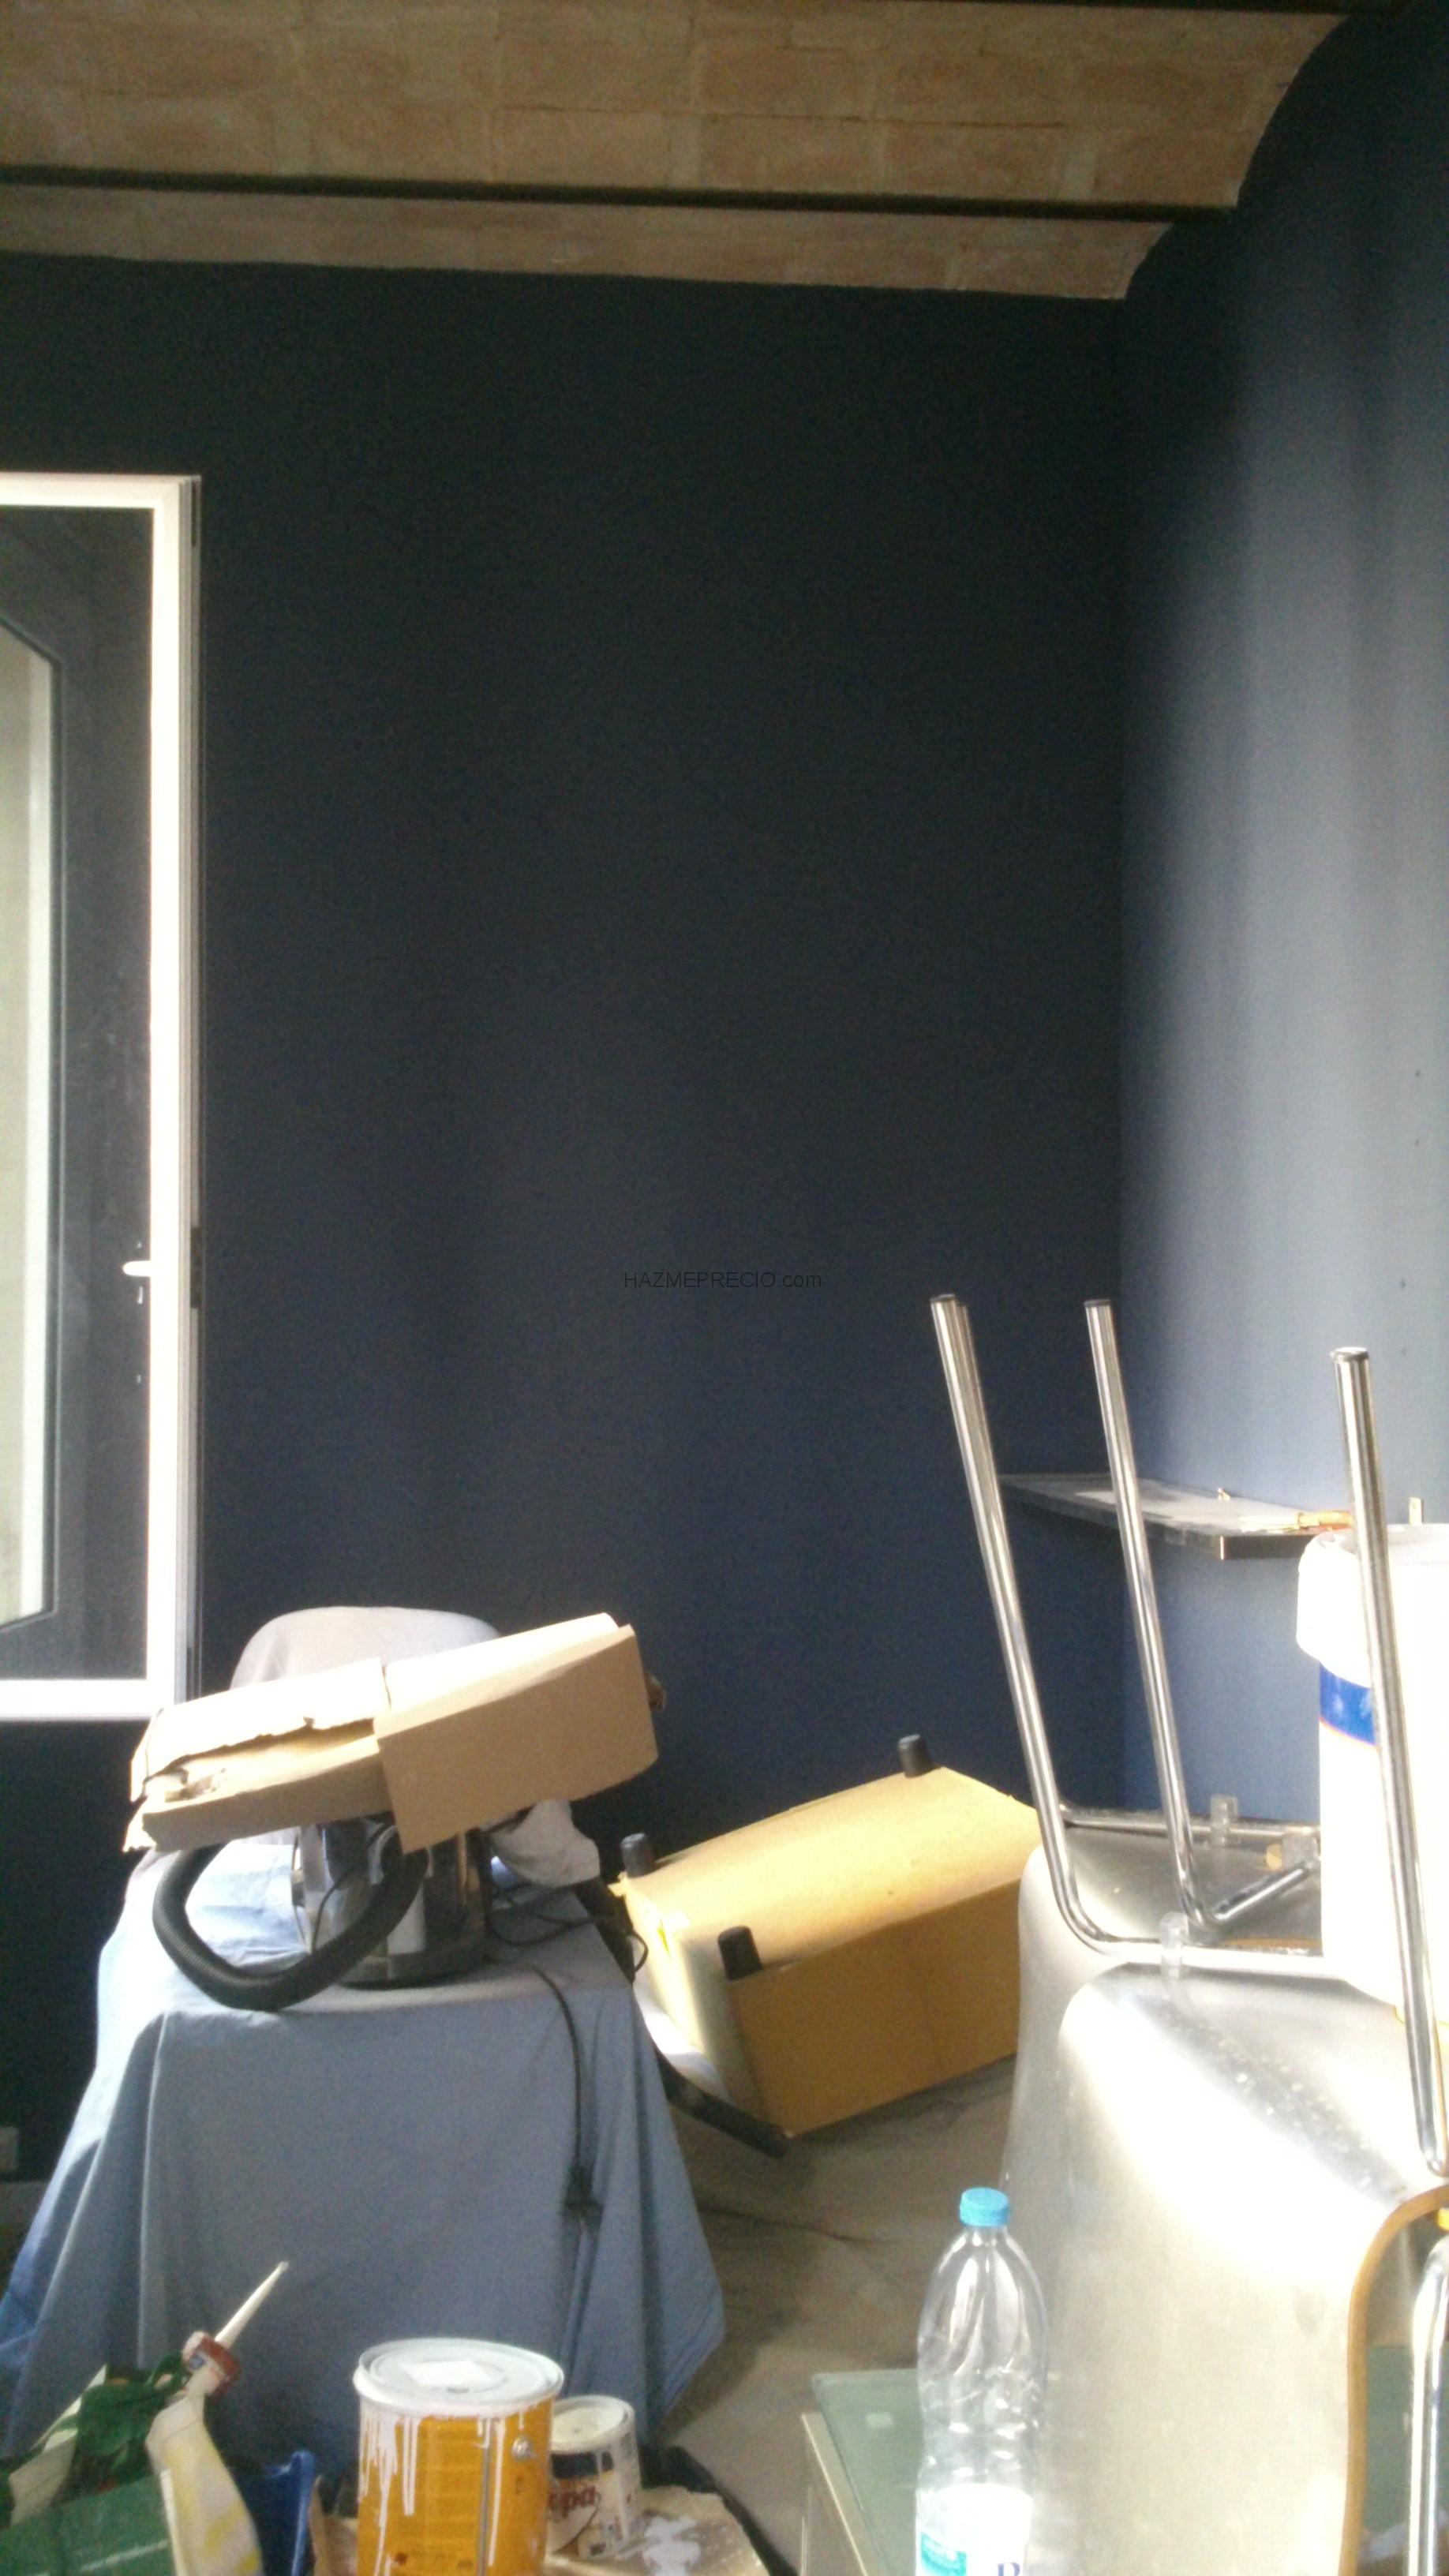 Pinturas jordi 08015 barcelona barcelona - Precio por pintar una habitacion ...